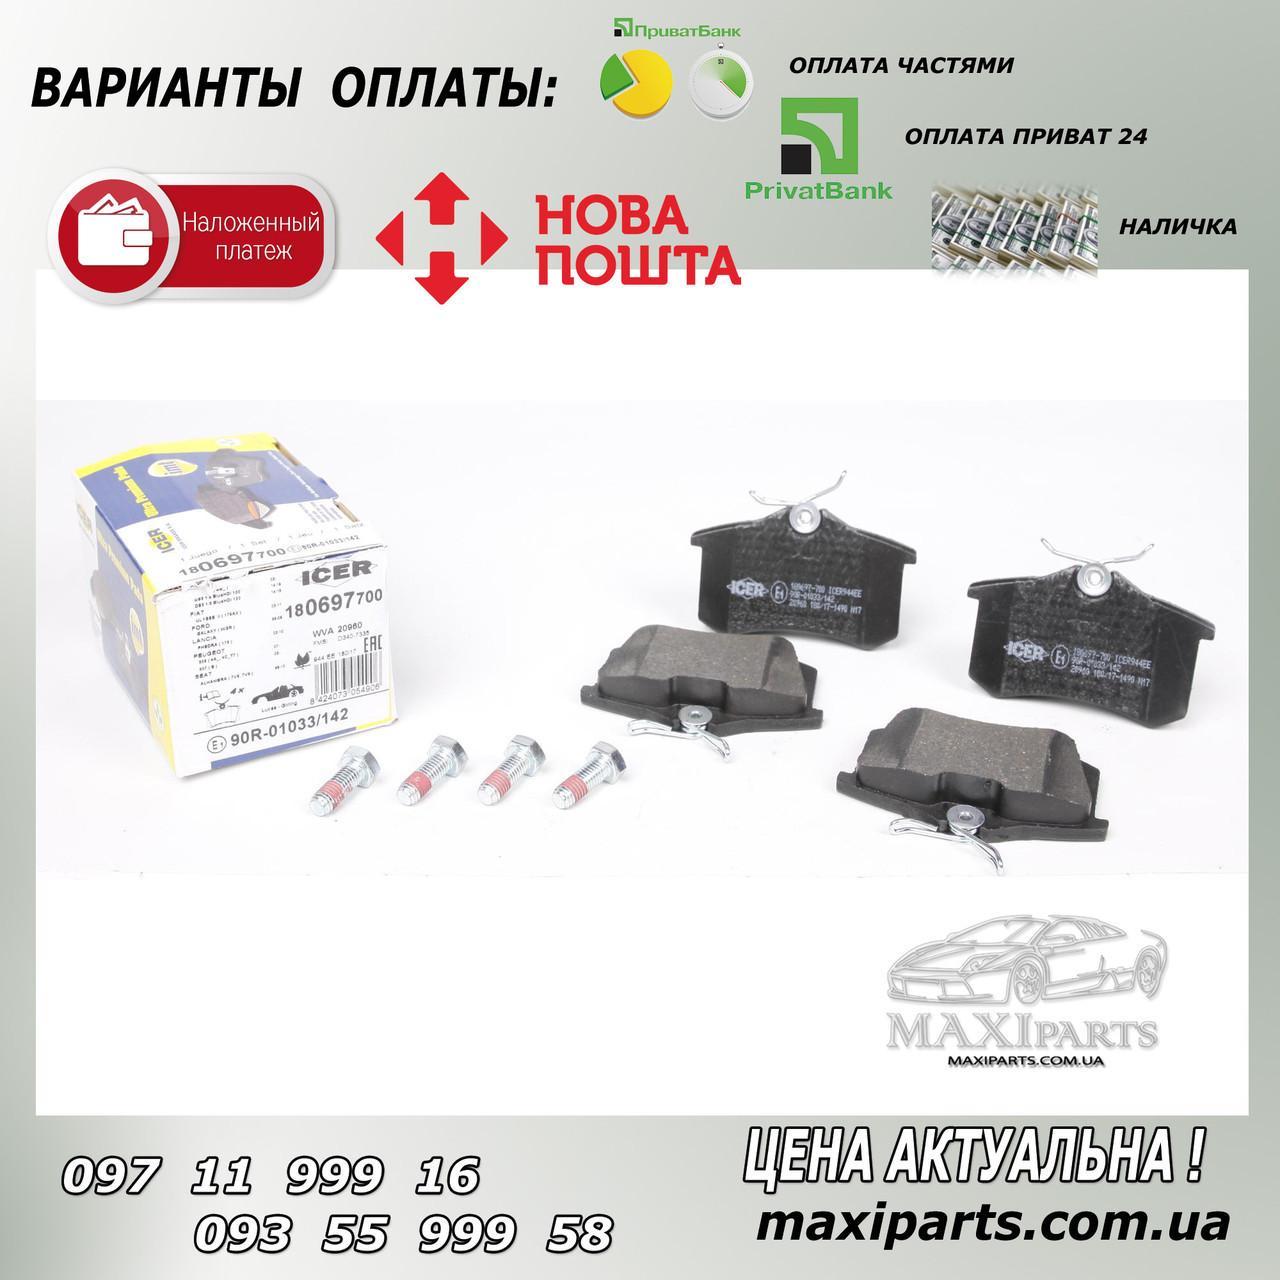 Колодки тормозные задние VW Caddy III 04-/Peugeot 308 07-/Citroen C4 04- Lucas-Girling